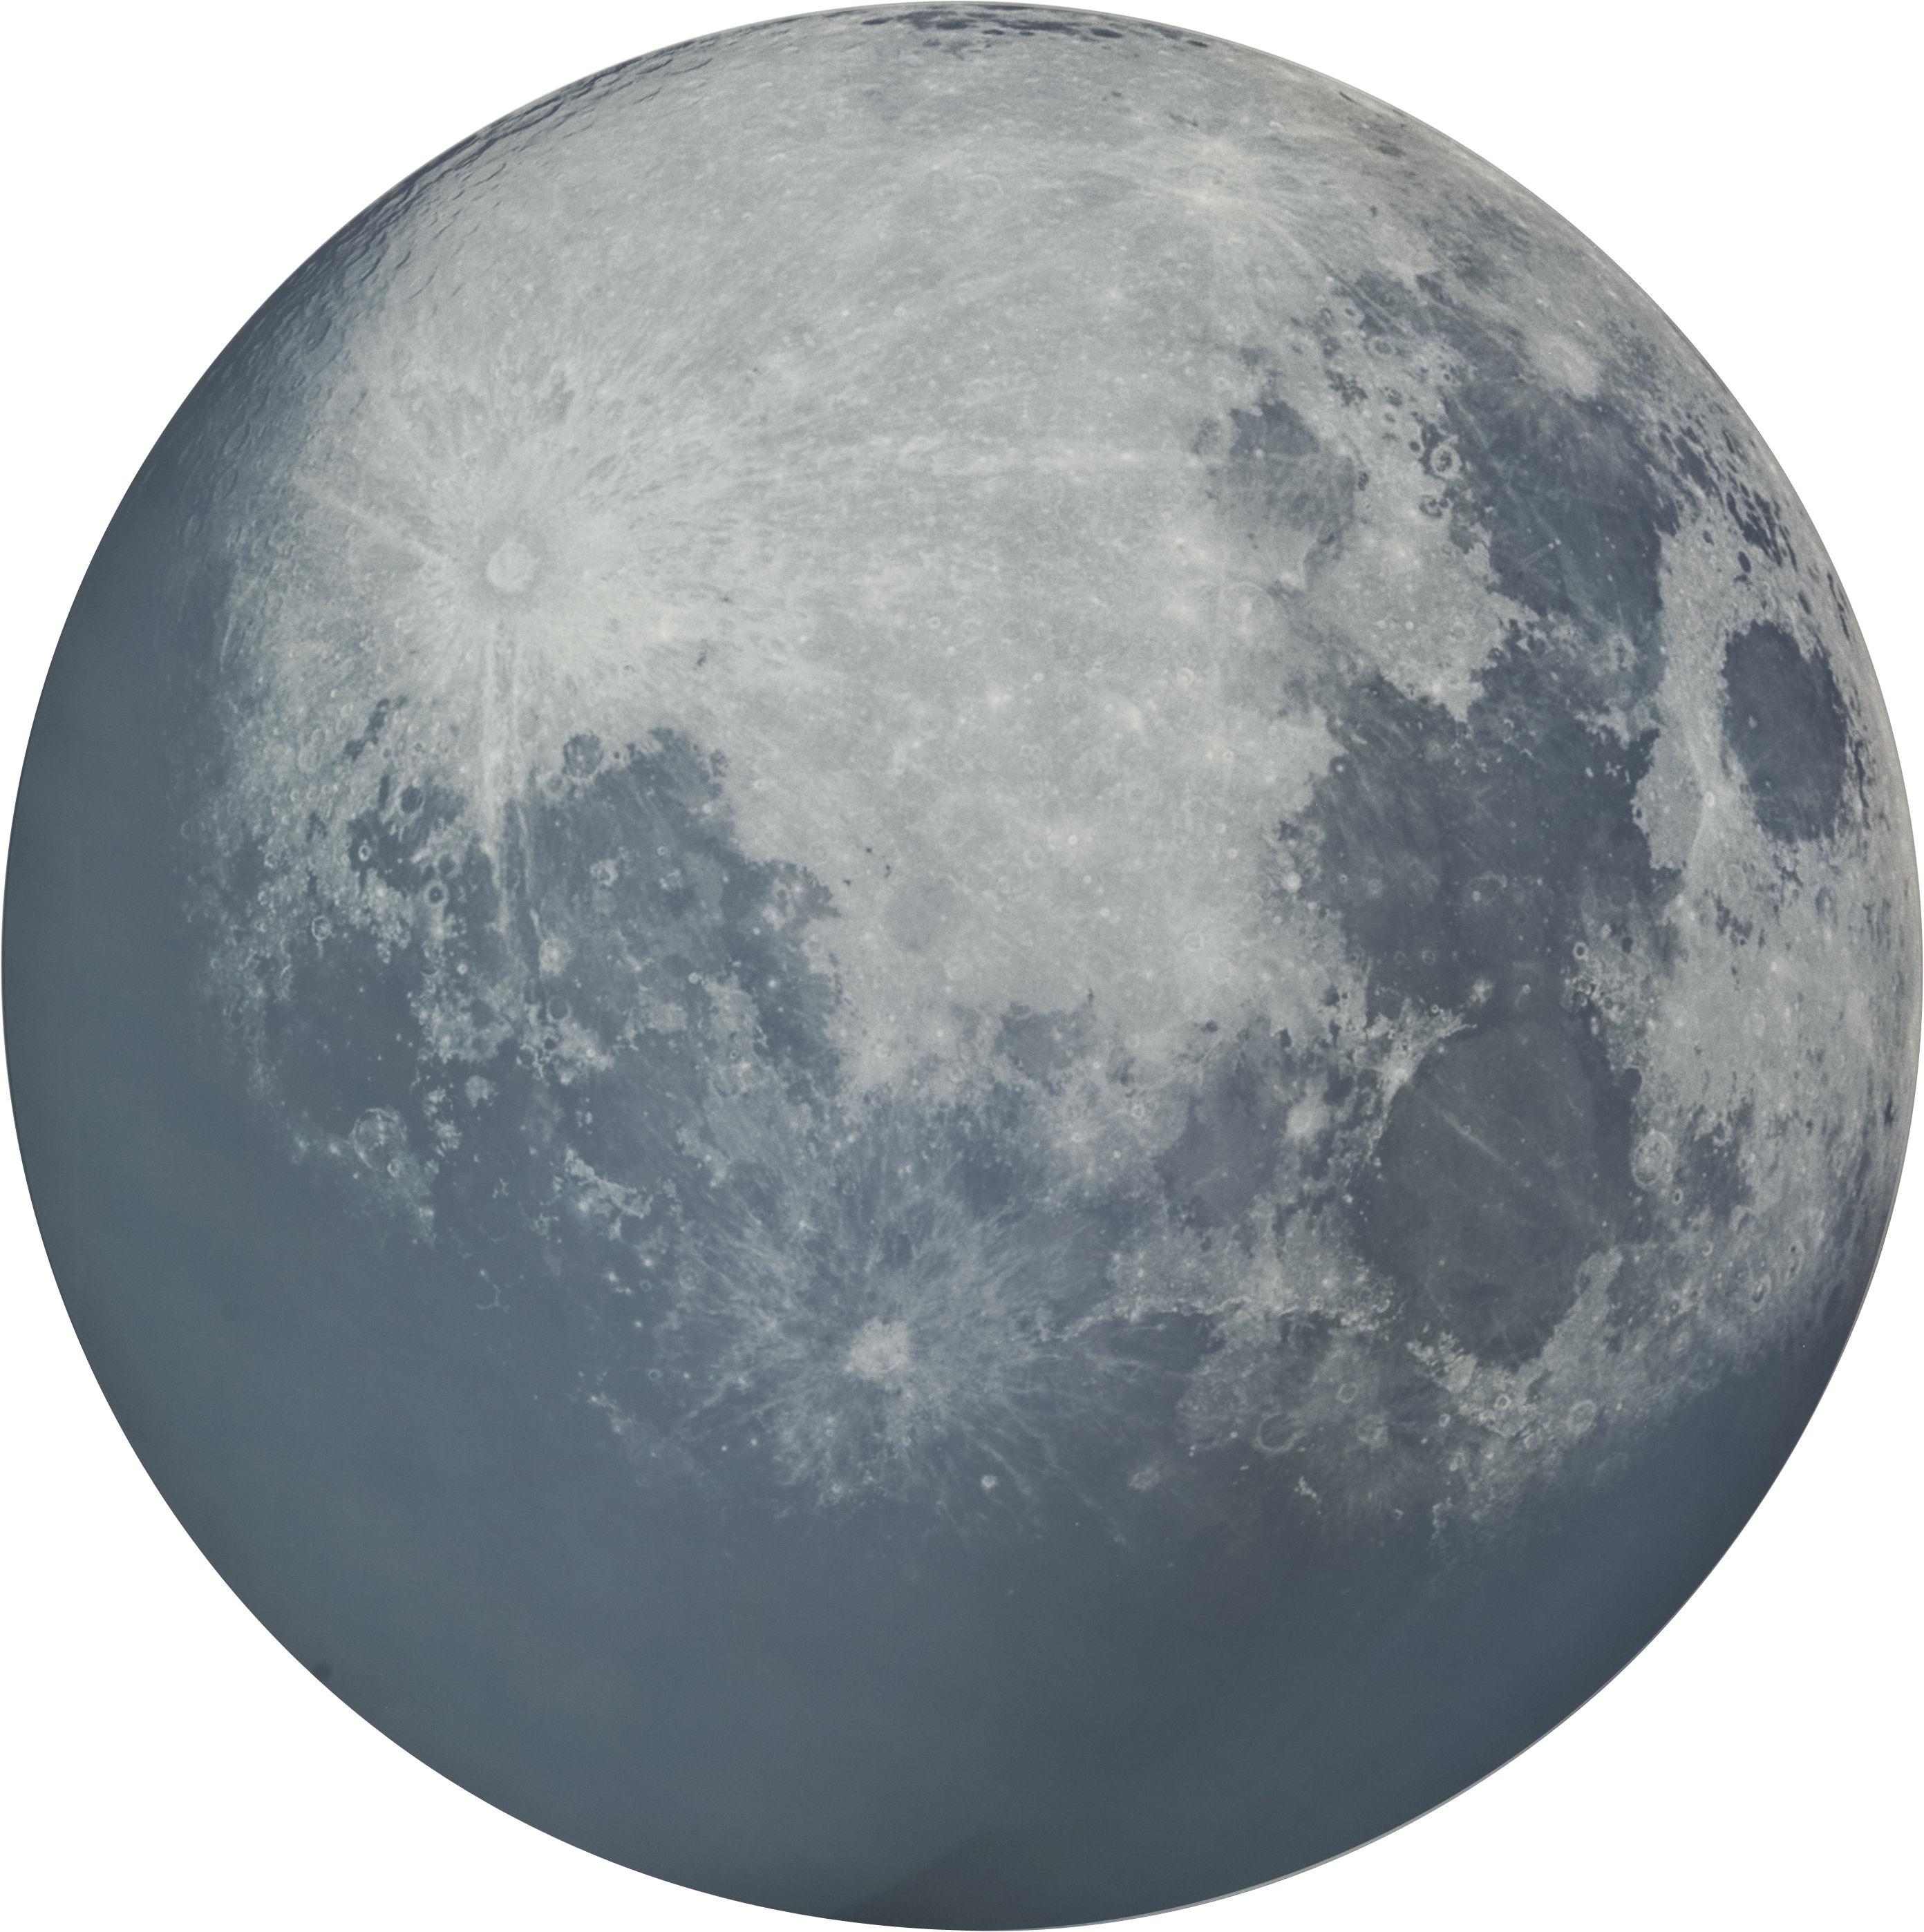 Arredamento - Specchi - Specchio murale My moon My mirror - Ø 100 cm di Diesel with Moroso - Specchio serigrafato - Vetro